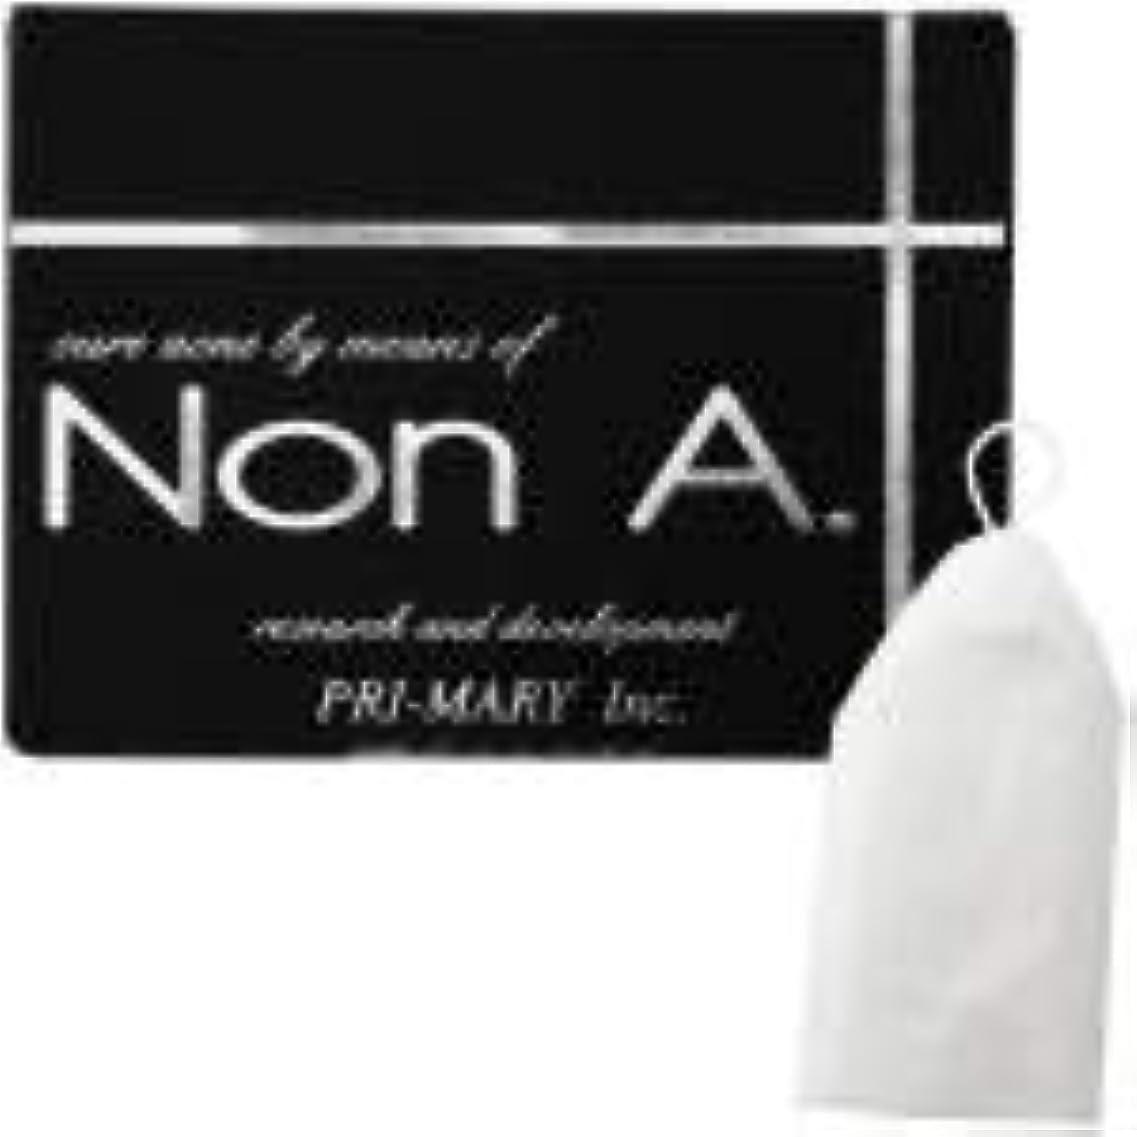 光景のスコアマイルストーンNon A. (ノンエー) 洗顔ソープ [ ニキビ対策 / 100g / 洗顔泡立てネット付 ] 洗顔せっけん ピーリング成分不使用 (プライマリー)